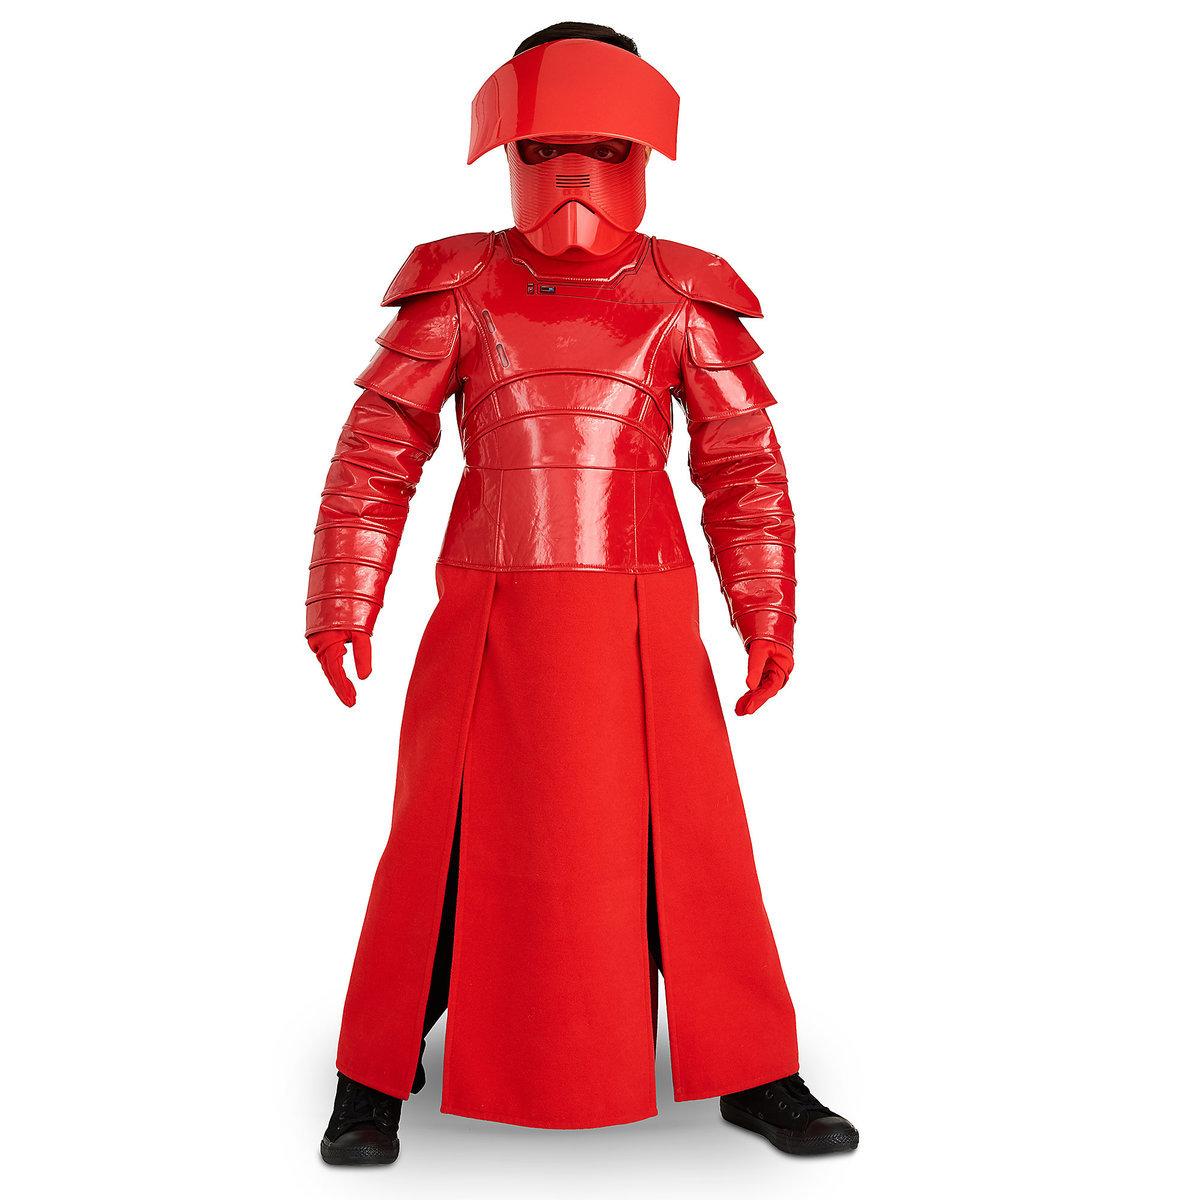 プレトリアン ガード 子供 デラックス コスチューム スター ウォーズ 最後のジェダイ コスプレ 衣装